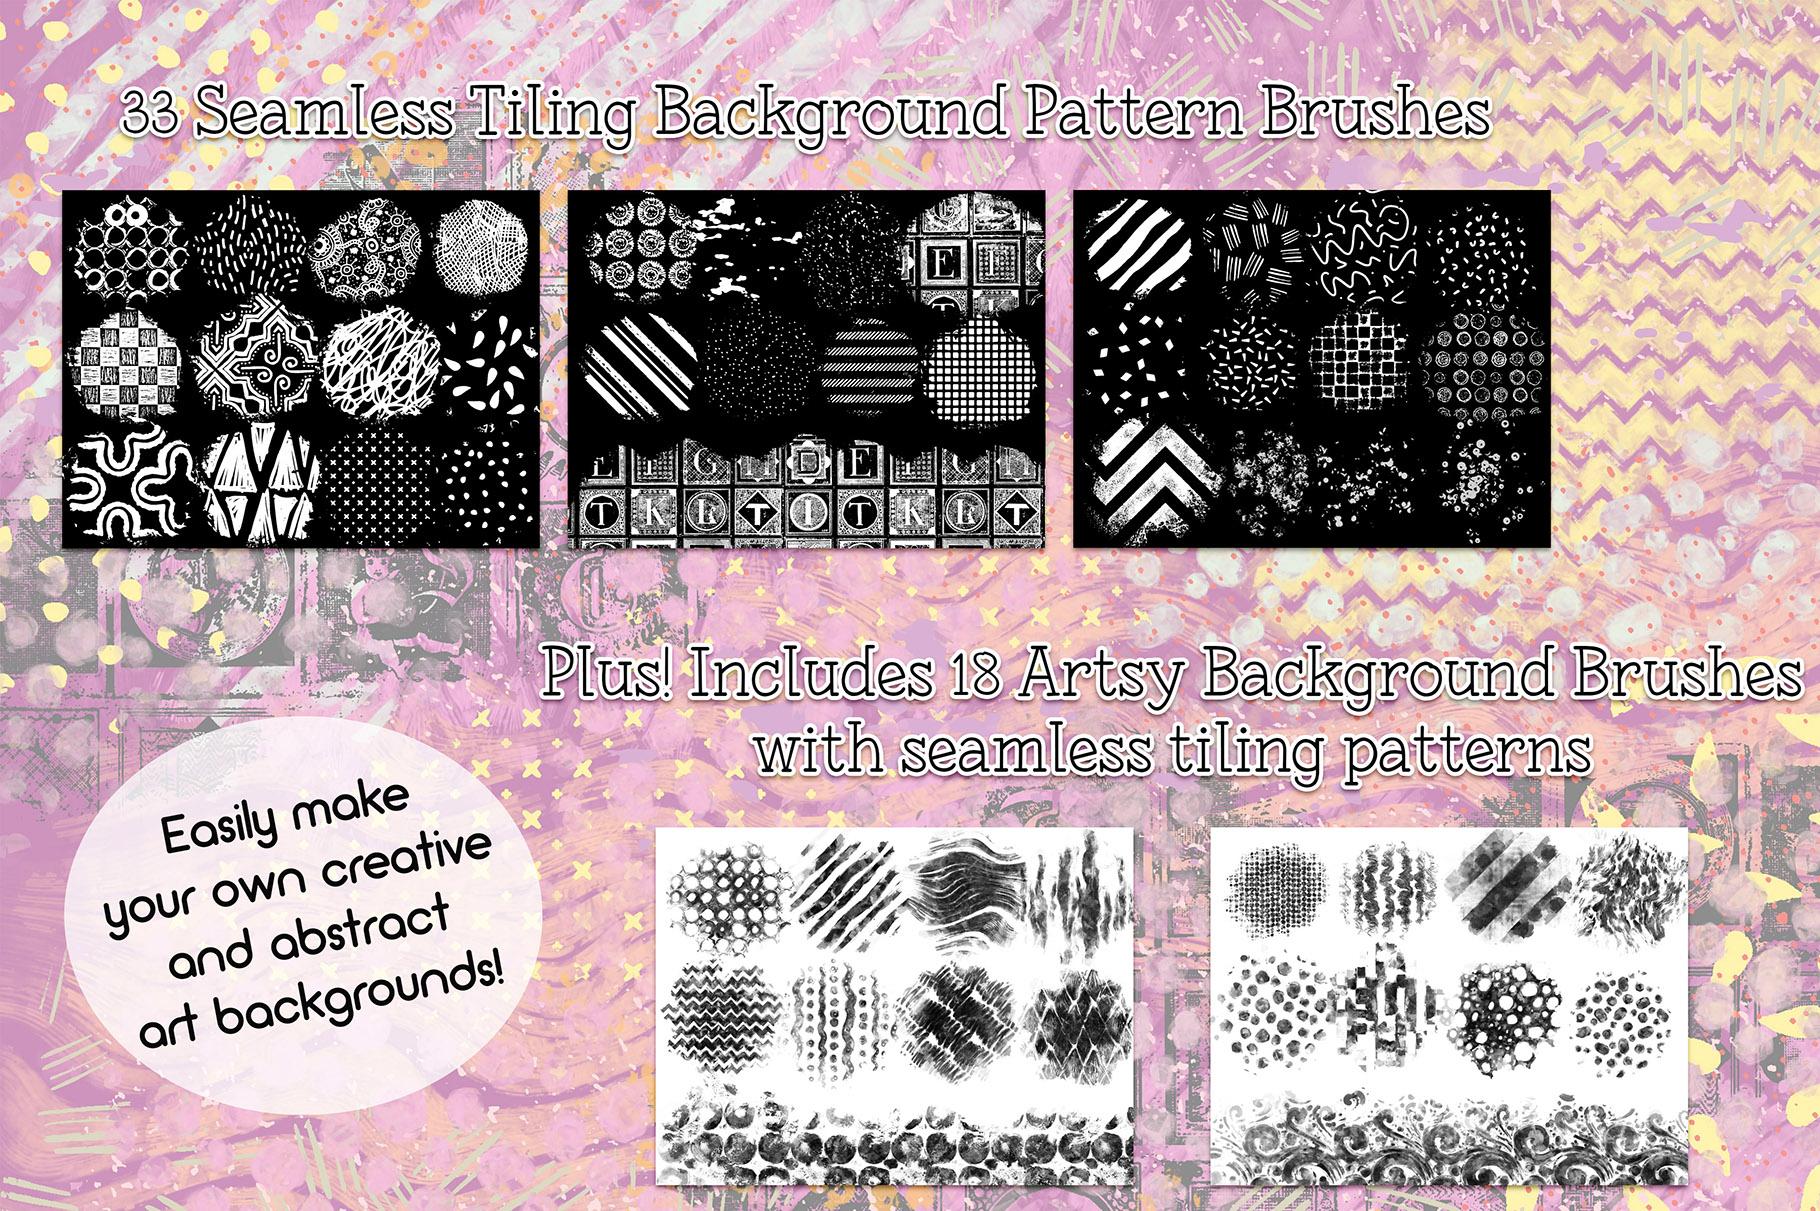 Procreate Background Brushes Set 2 example image 2